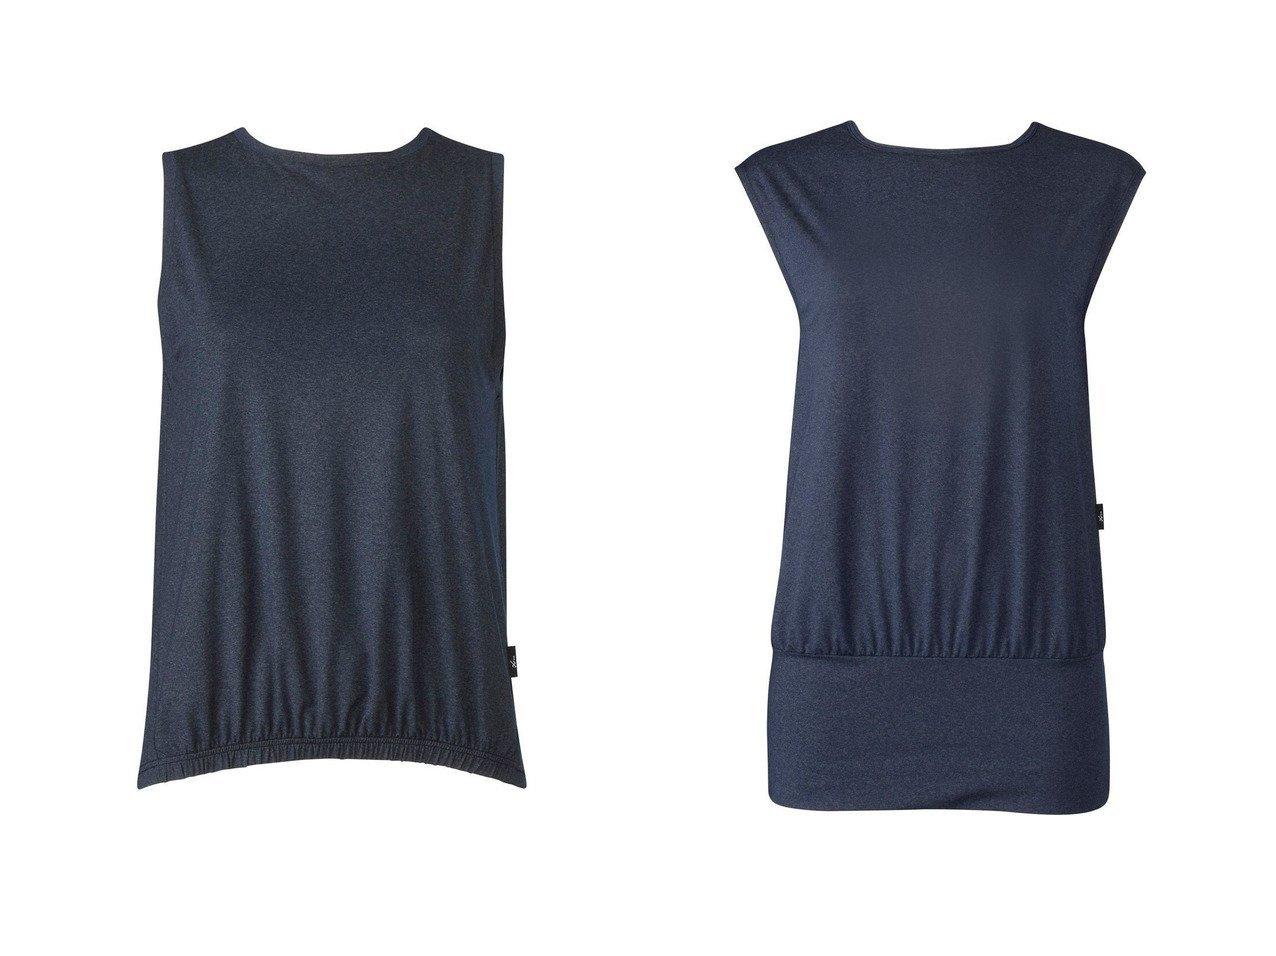 【CW-X/シーダブリューエックス】の【WOMEN】PRIME FLEX ロングTシャツ レディースワコール&【WOMEN】PRIME FLEX ノースリーブ レディースワコール スポーツウェア・ヨガ・運動・ダイエットグッズなどのおすすめ!人気トレンド・ファッション通販 おすすめで人気の流行・トレンド、ファッションの通販商品 インテリア・家具・メンズファッション・キッズファッション・レディースファッション・服の通販 founy(ファニー) https://founy.com/ ファッション Fashion レディースファッション WOMEN トップス・カットソー Tops/Tshirt キャミソール / ノースリーブ No Sleeves シャツ/ブラウス Shirts/Blouses ロング / Tシャツ T-Shirts 送料無料 Free Shipping ギャザー ノースリーブ ストレッチ スリット ロング 再入荷 Restock/Back in Stock/Re Arrival 半袖 |ID:crp329100000041140